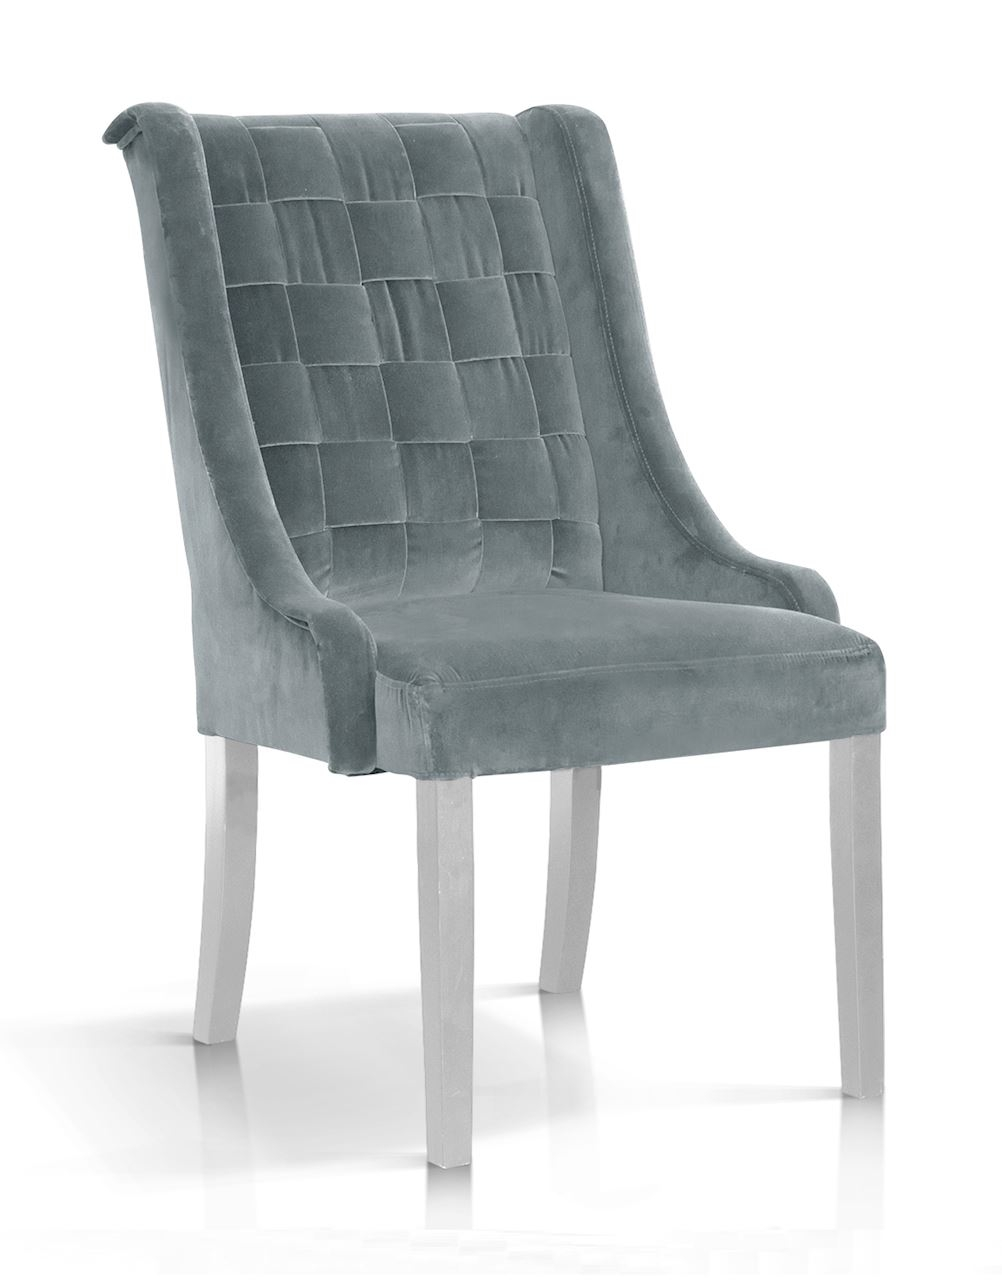 Scaun tapitat cu stofa, cu picioare din lemn Prince Gri / Alb, l55xA70xH105 cm